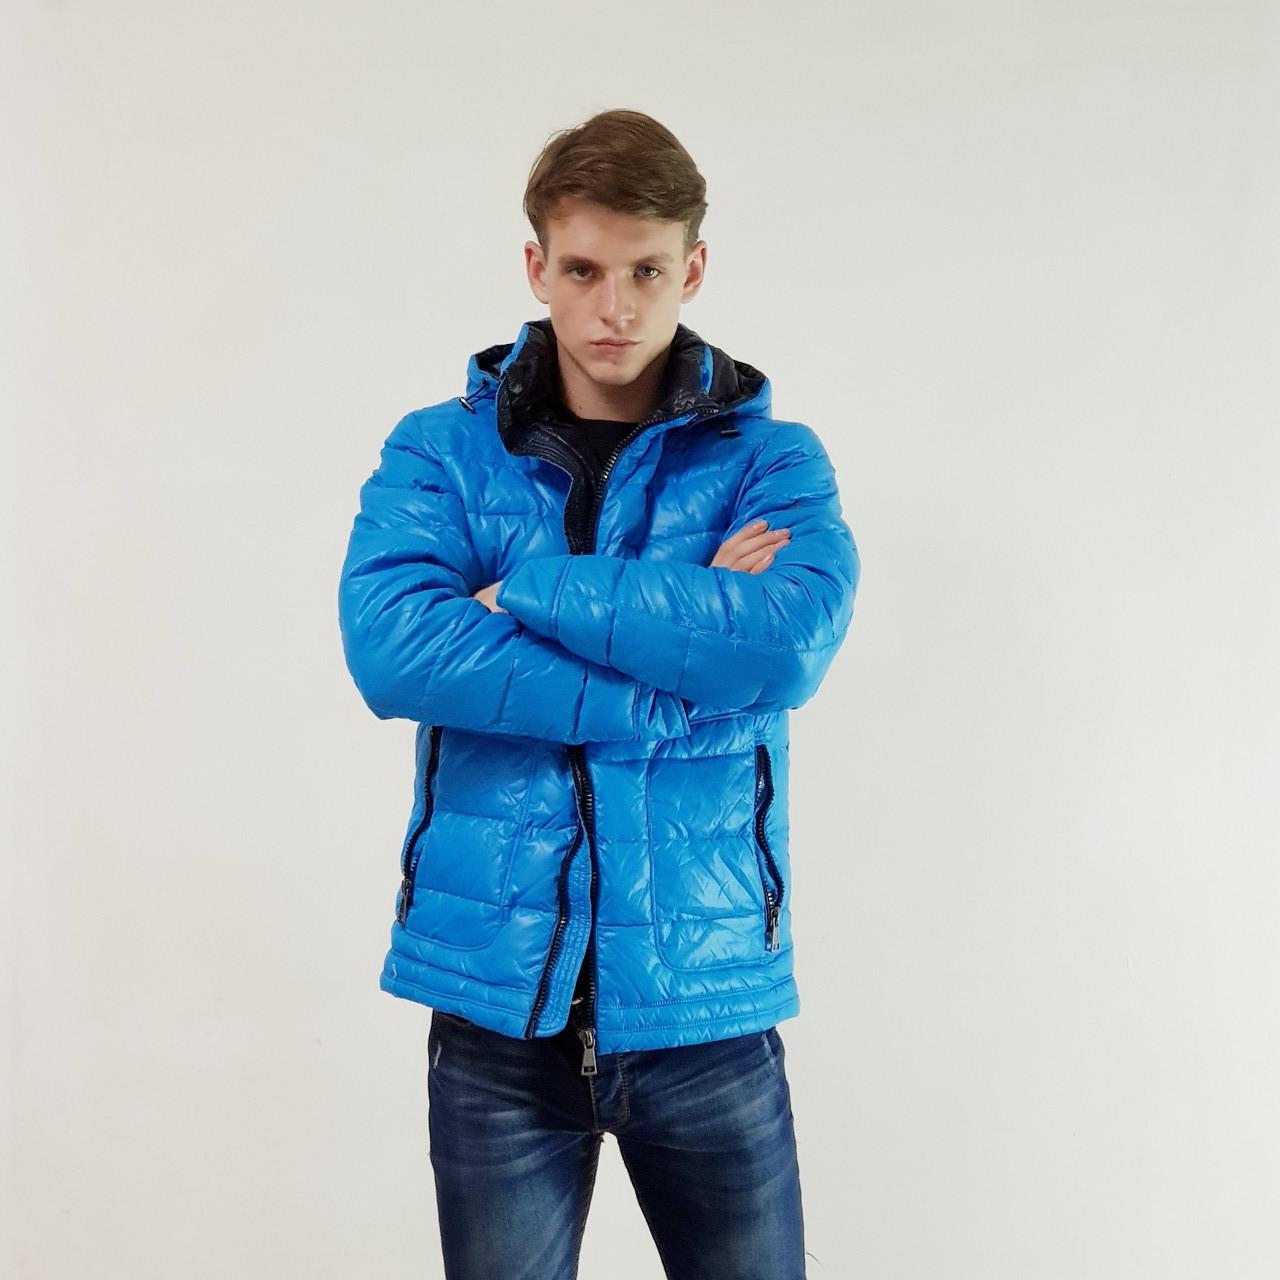 Куртка мужская зимняя Snowimage с капюшоном 48 голубой 105A-3341